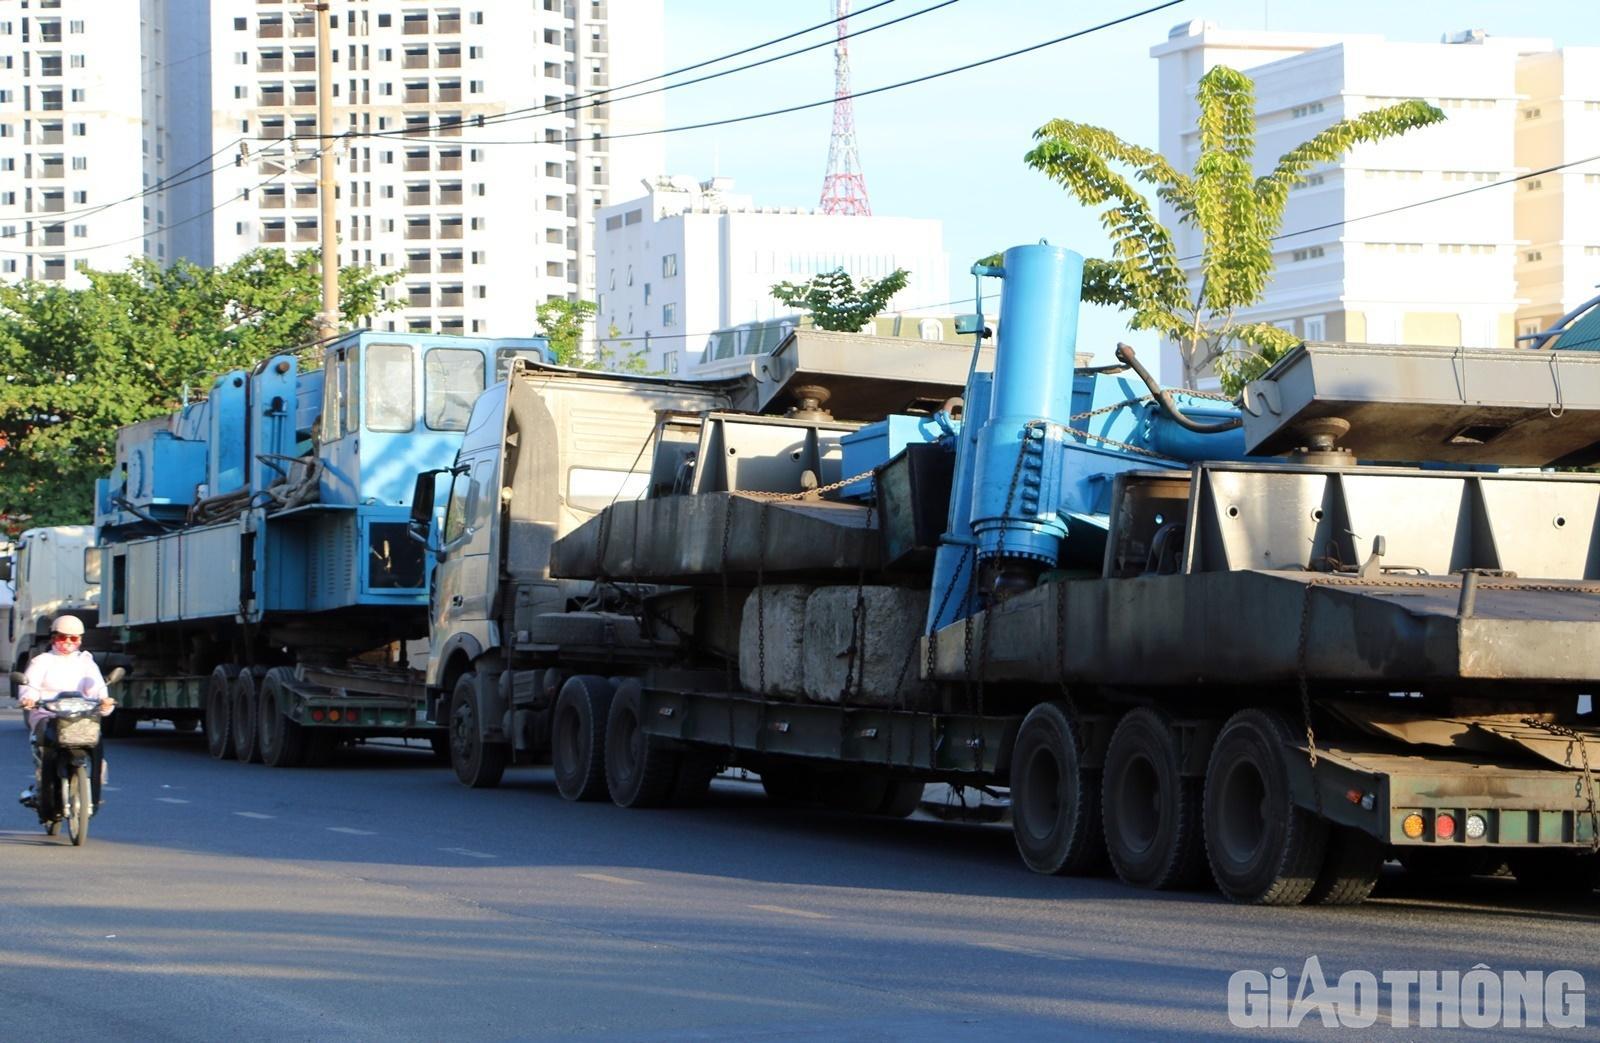 Đoàn xe 'khủng' ở Nha Trang bị phạt gần 140 triệu đồng Ảnh 2